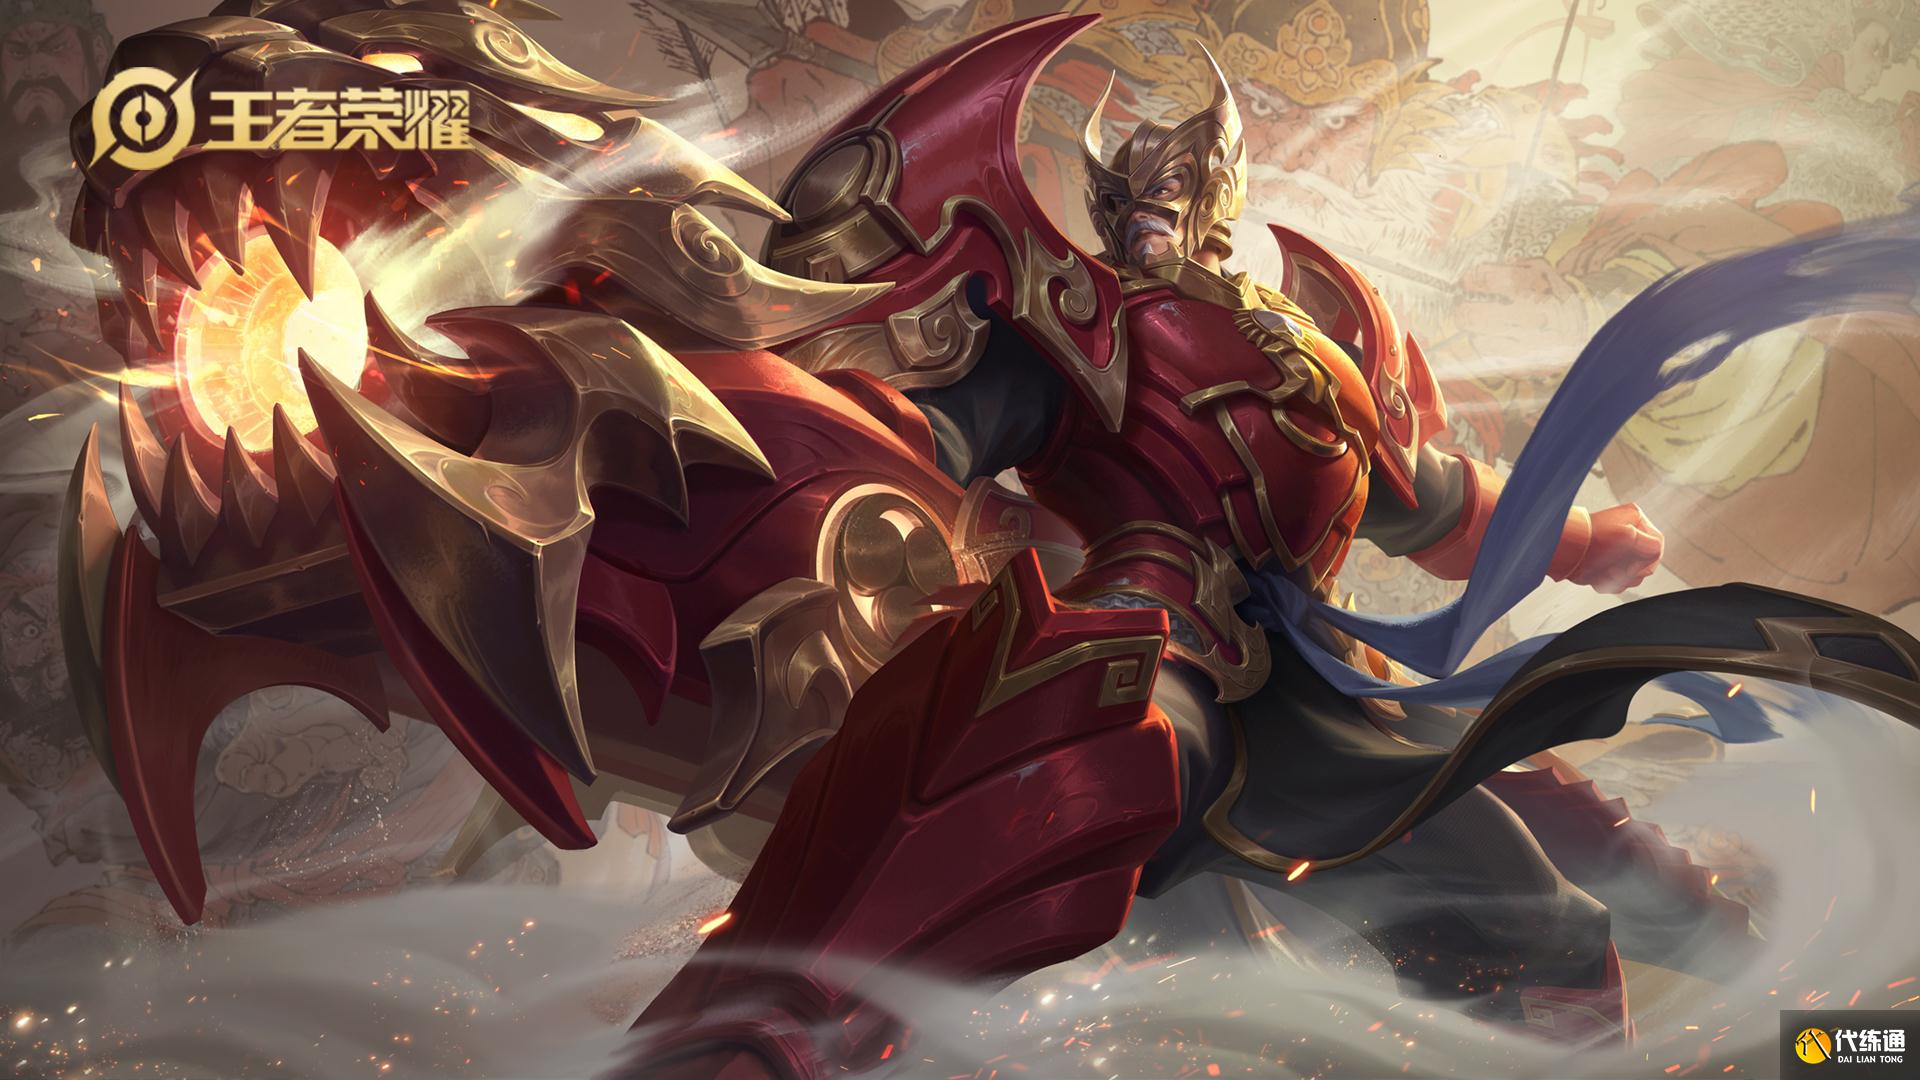 王者榮耀英雄調整,黃忠開大雙抗可上千,馬可被削一技能距離